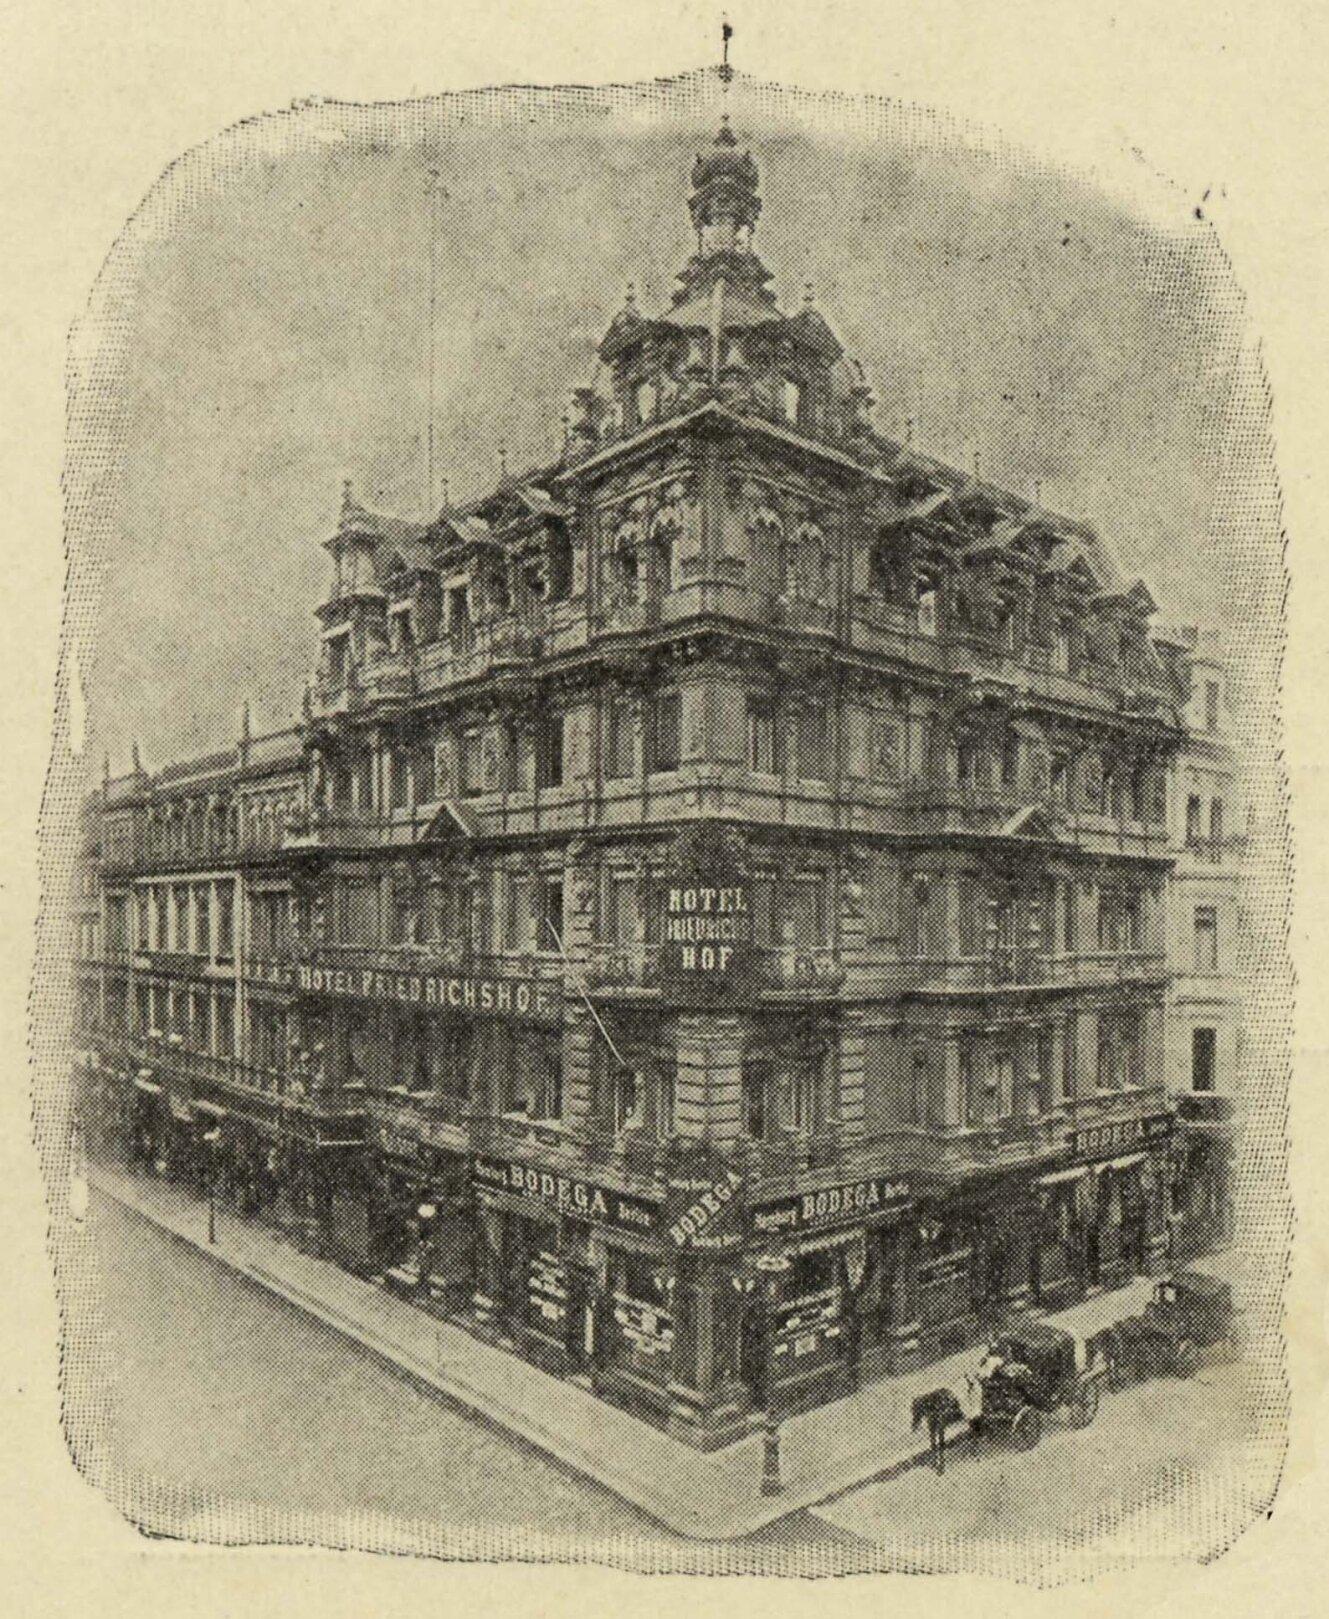 Hotel Friedrichshof vor 1897, ©Stephan Becker, Brüssow